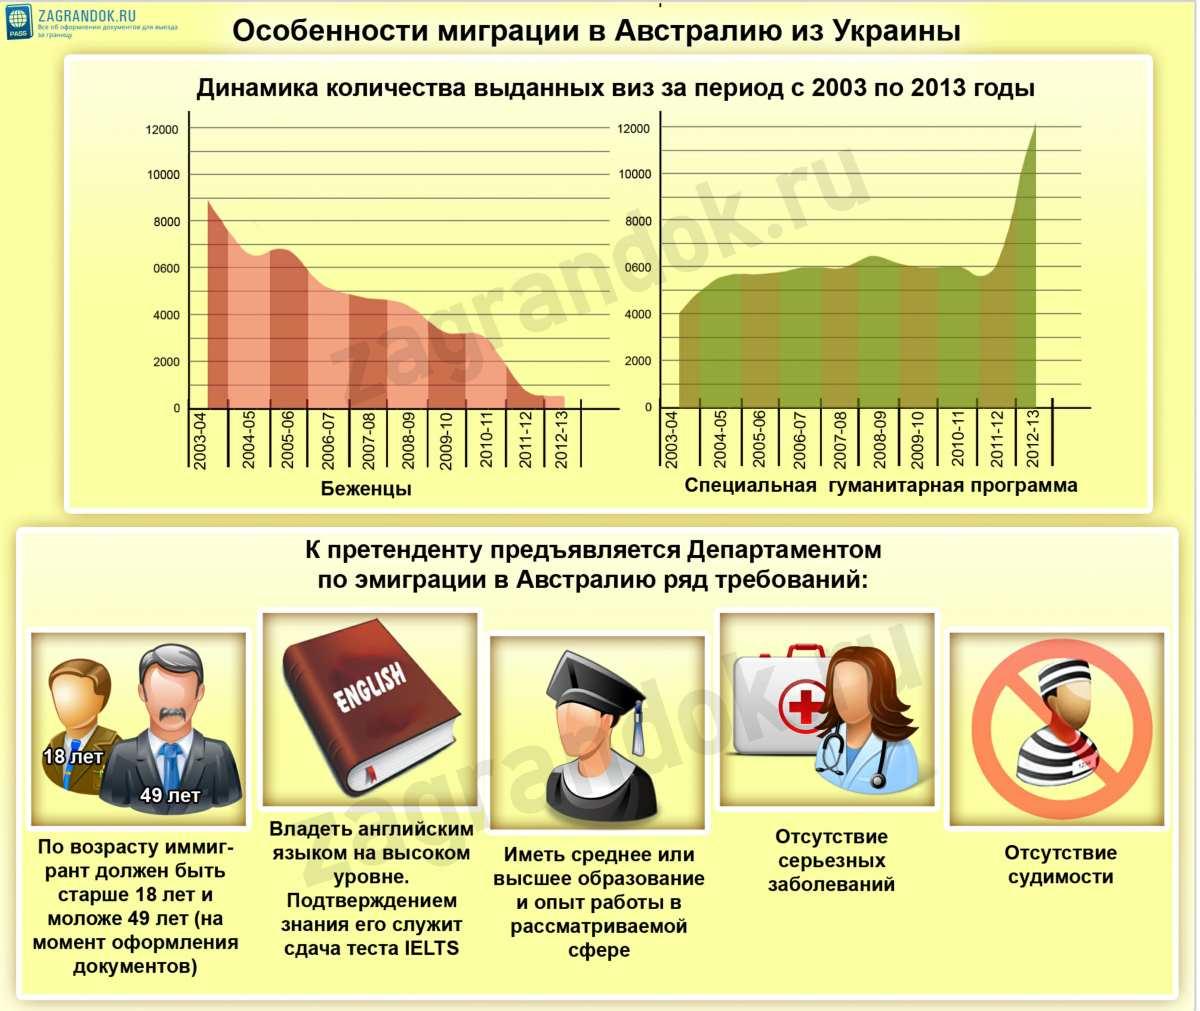 Особенности миграции в Австралию из Украины